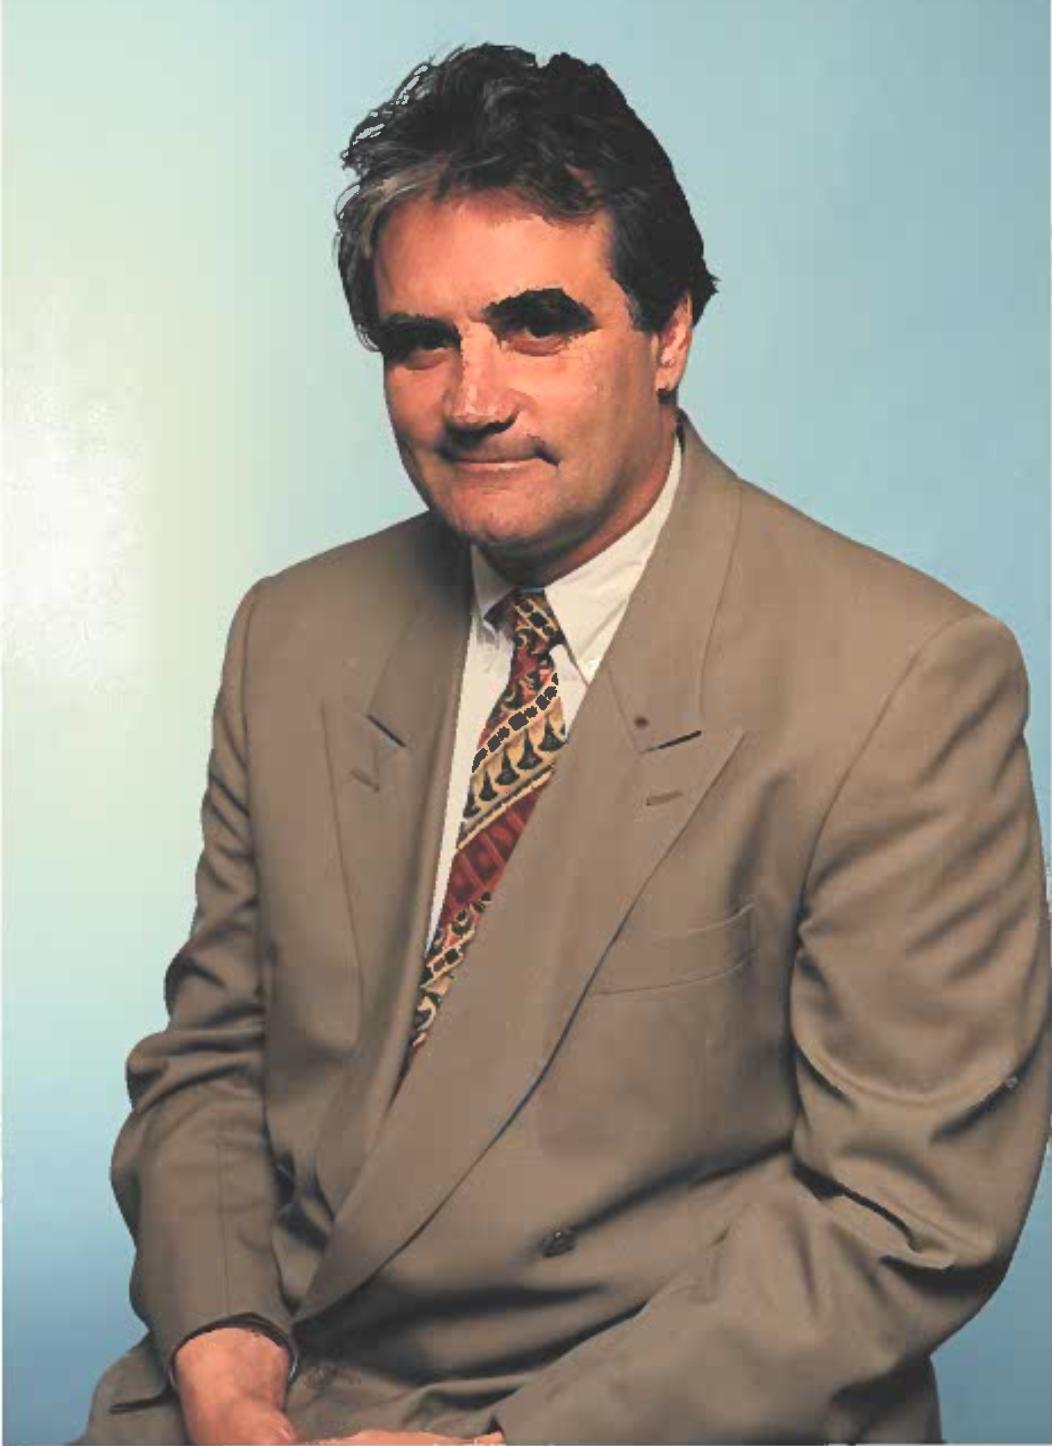 Larry Uteck